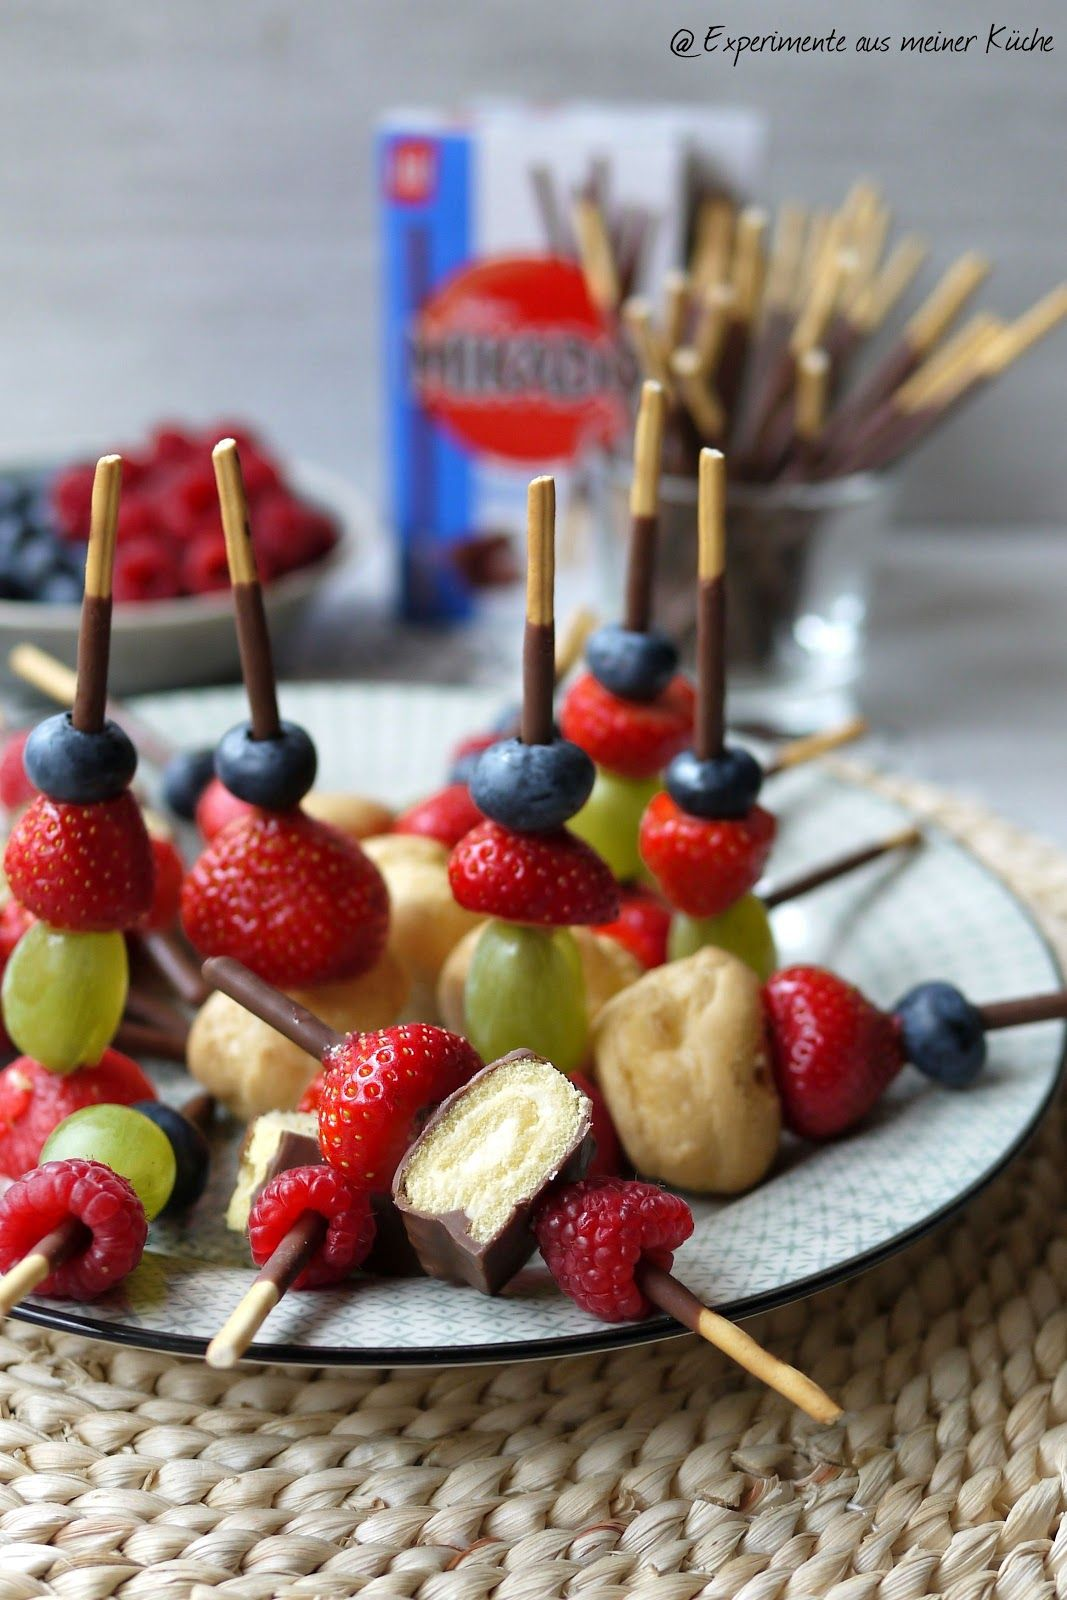 Mikado-Obst-Spieße - Experimente aus meiner Küche